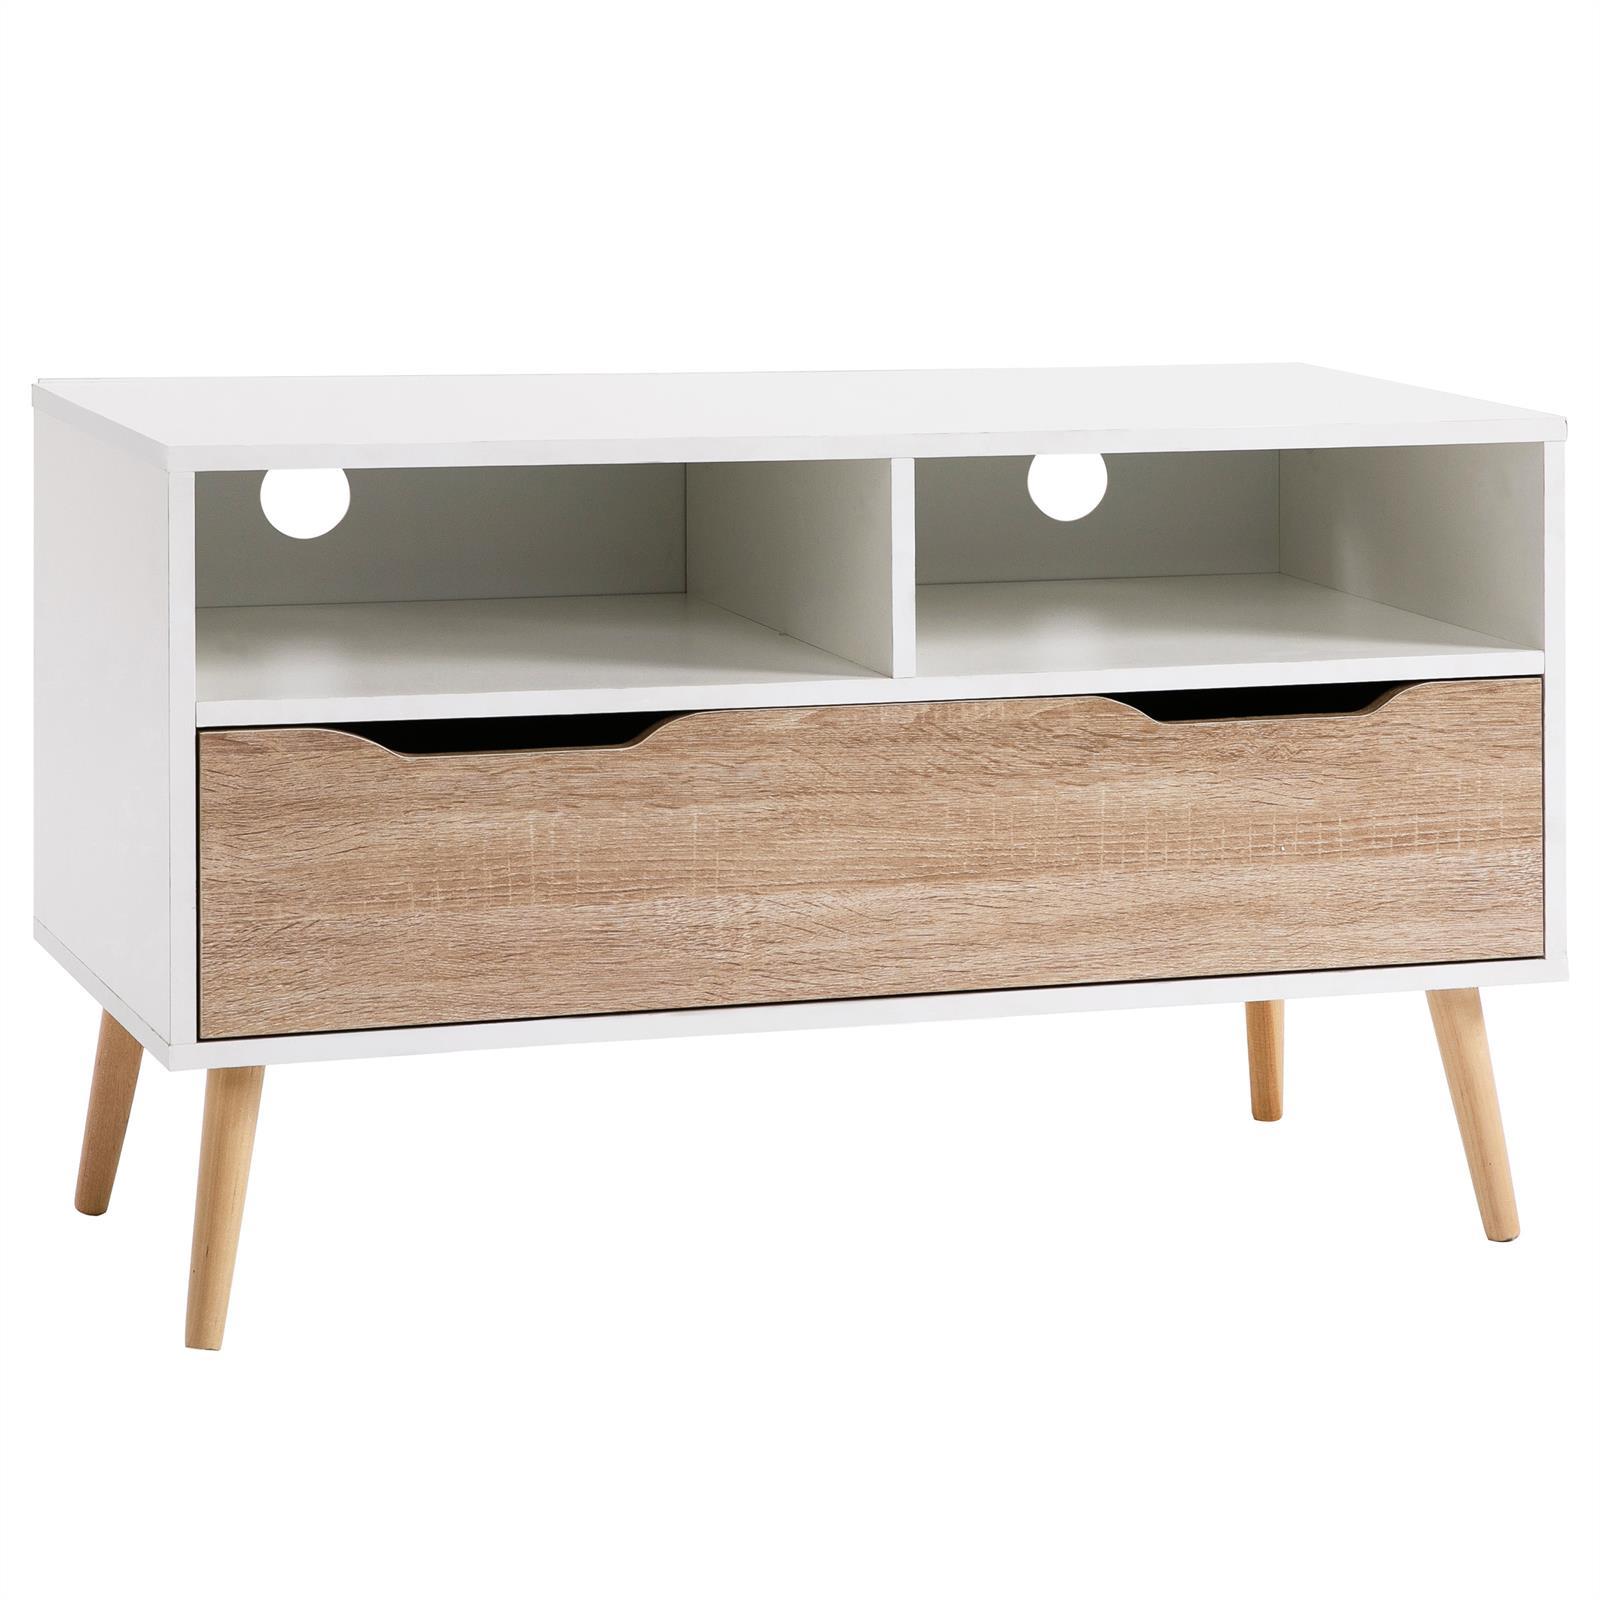 Meuble tv genova blanc mat et ch ne sonoma mobil meubles for Meuble sonoma